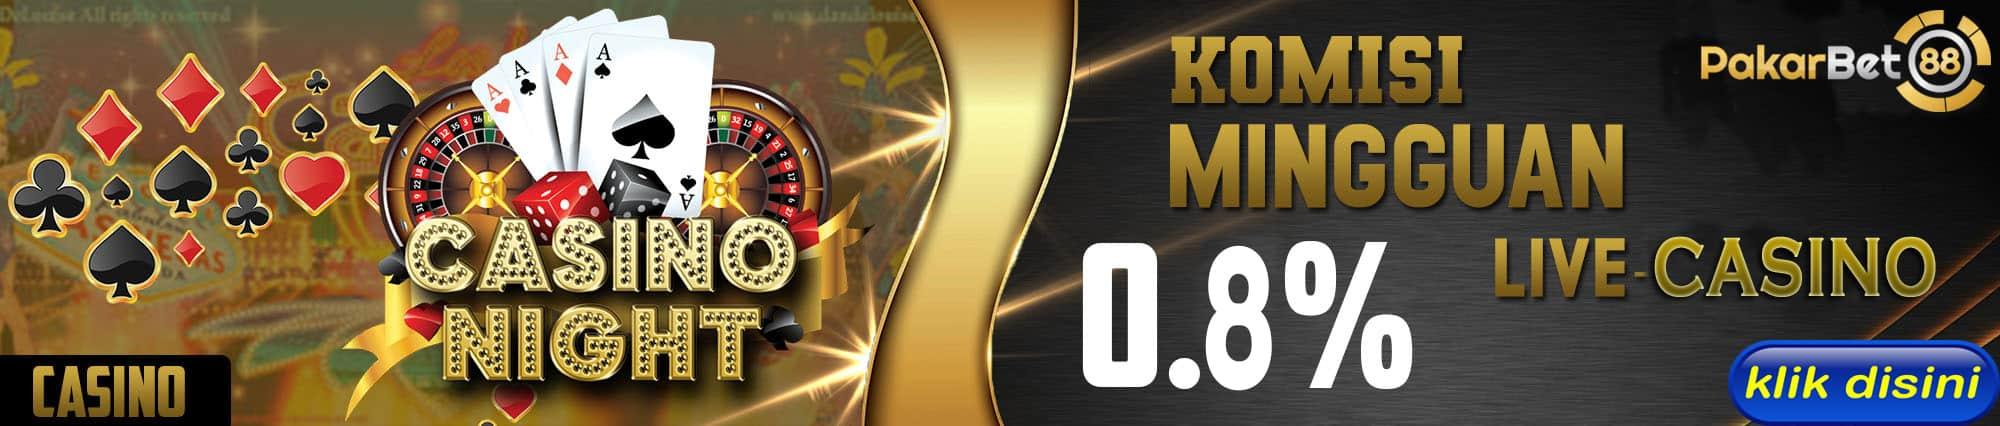 Promo-Live-Casino-min